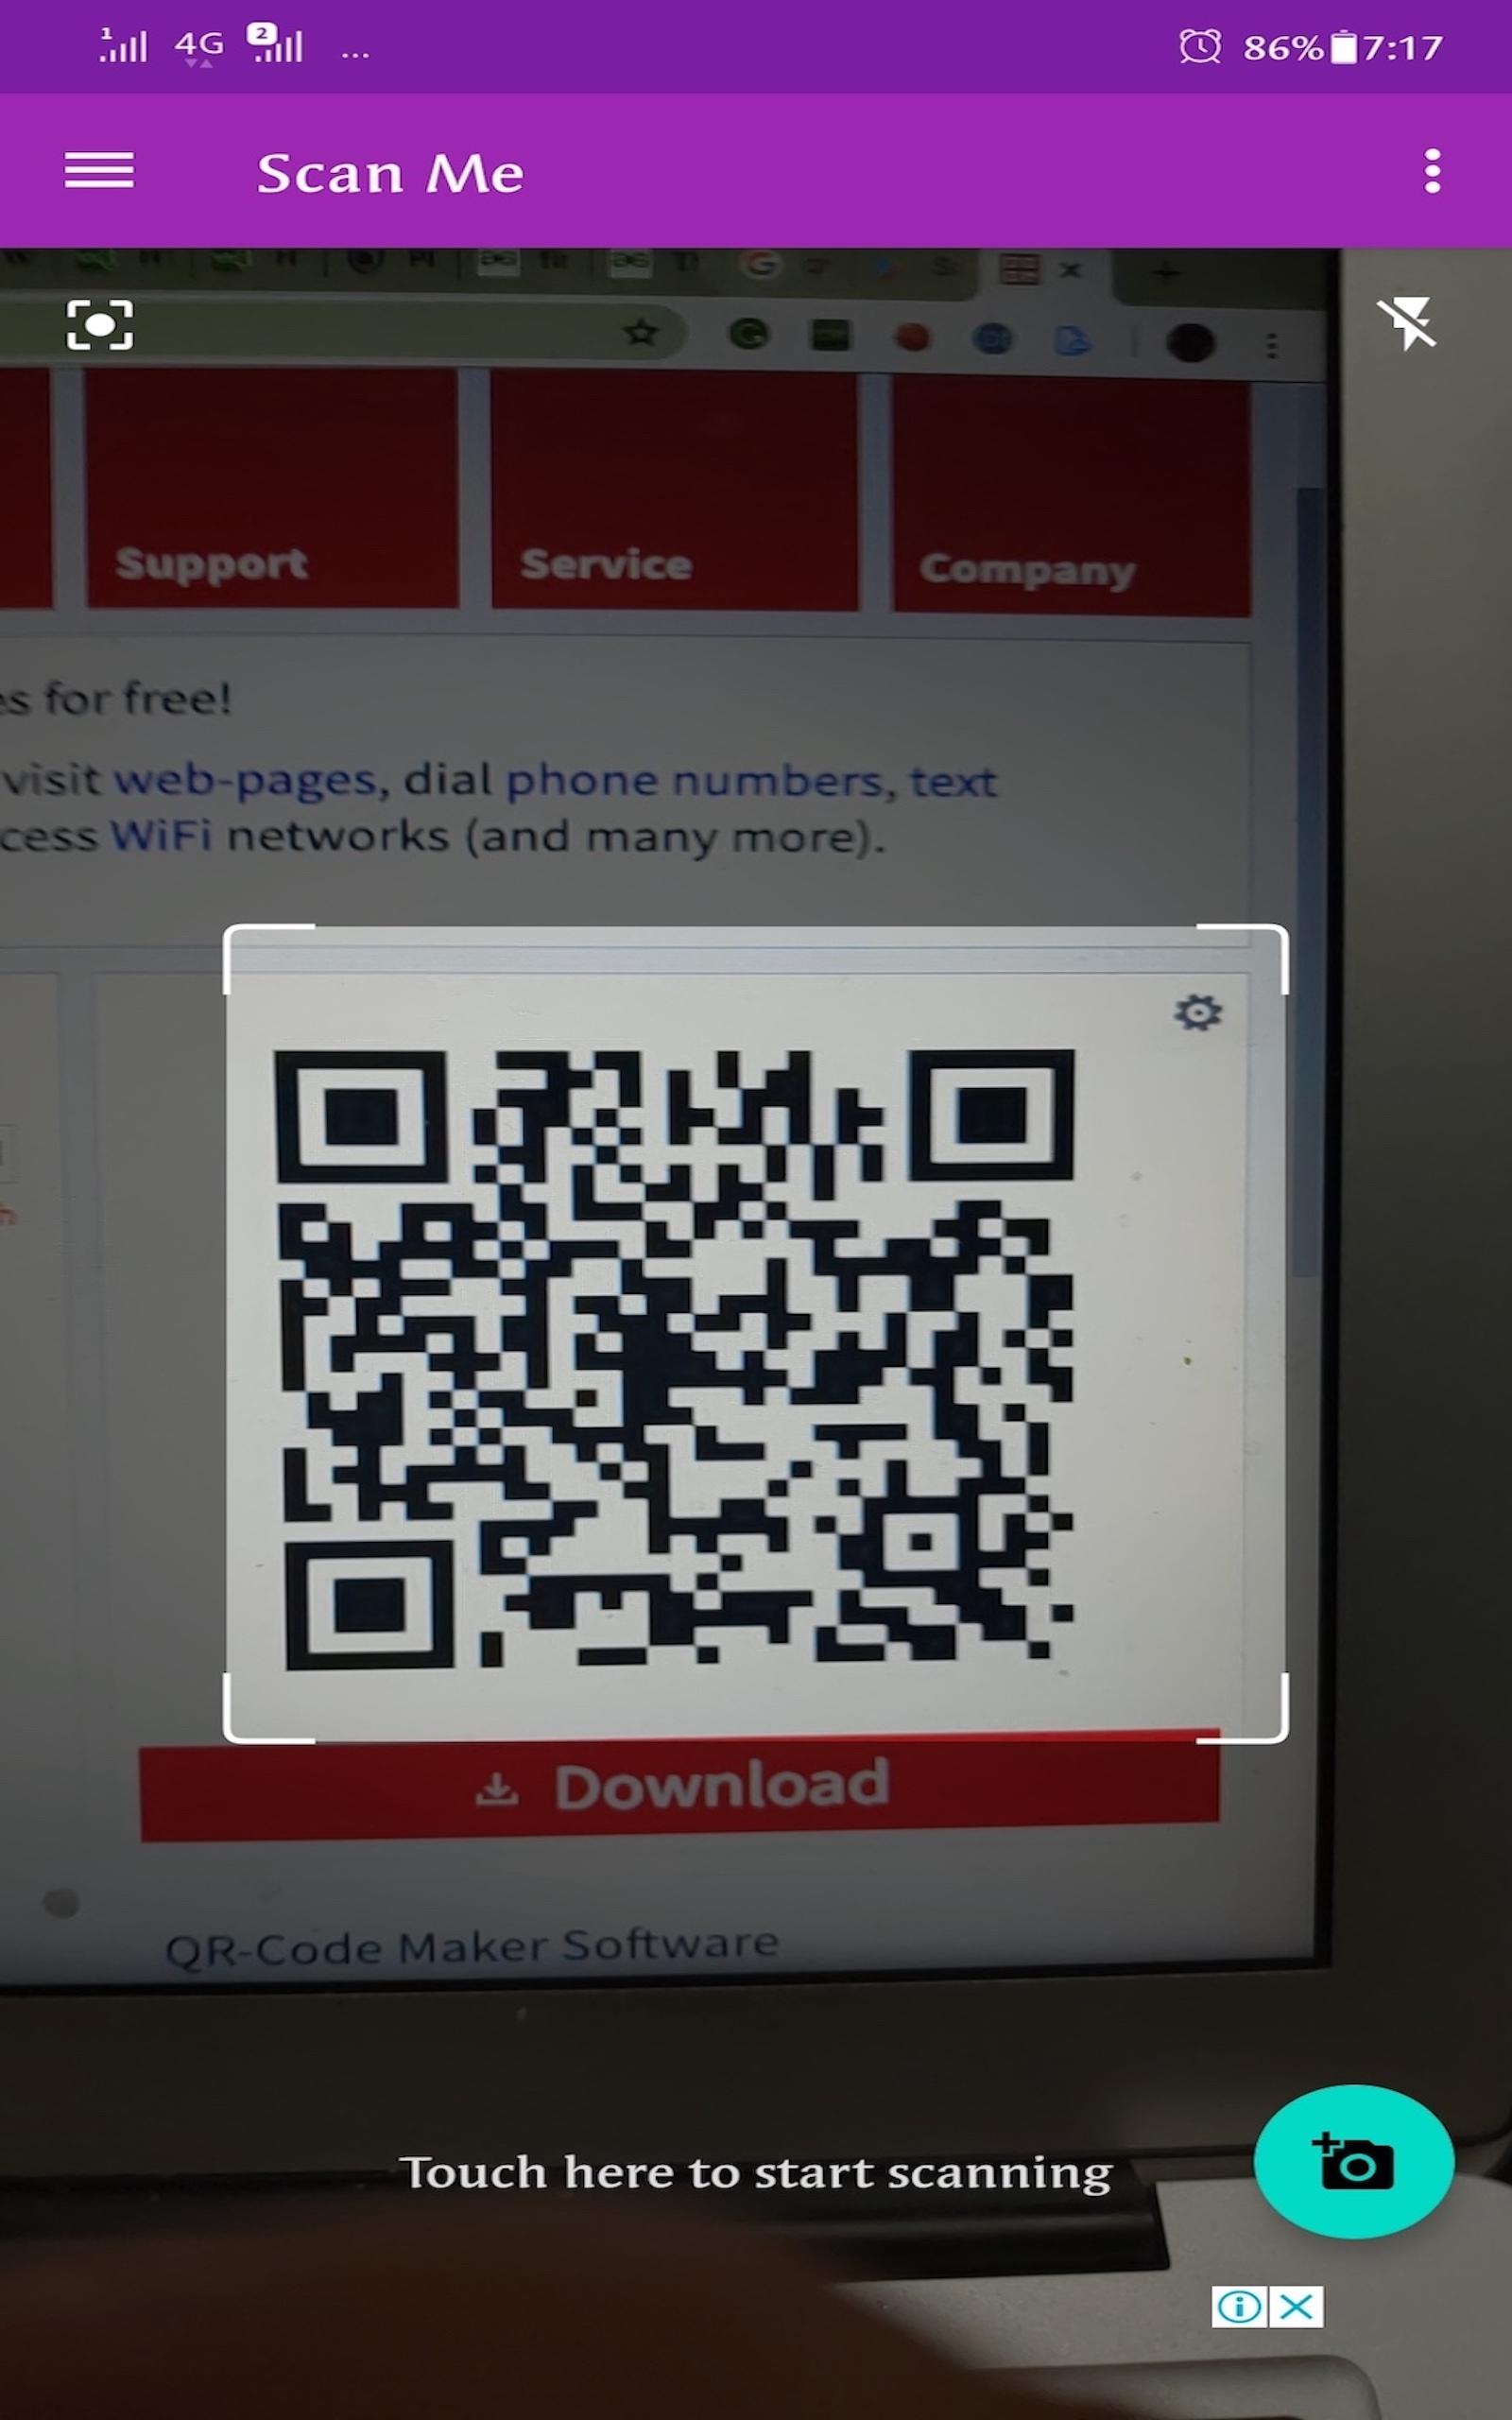 Amazon.com: Scan Me - Barcode QR Code Scanner & Generator